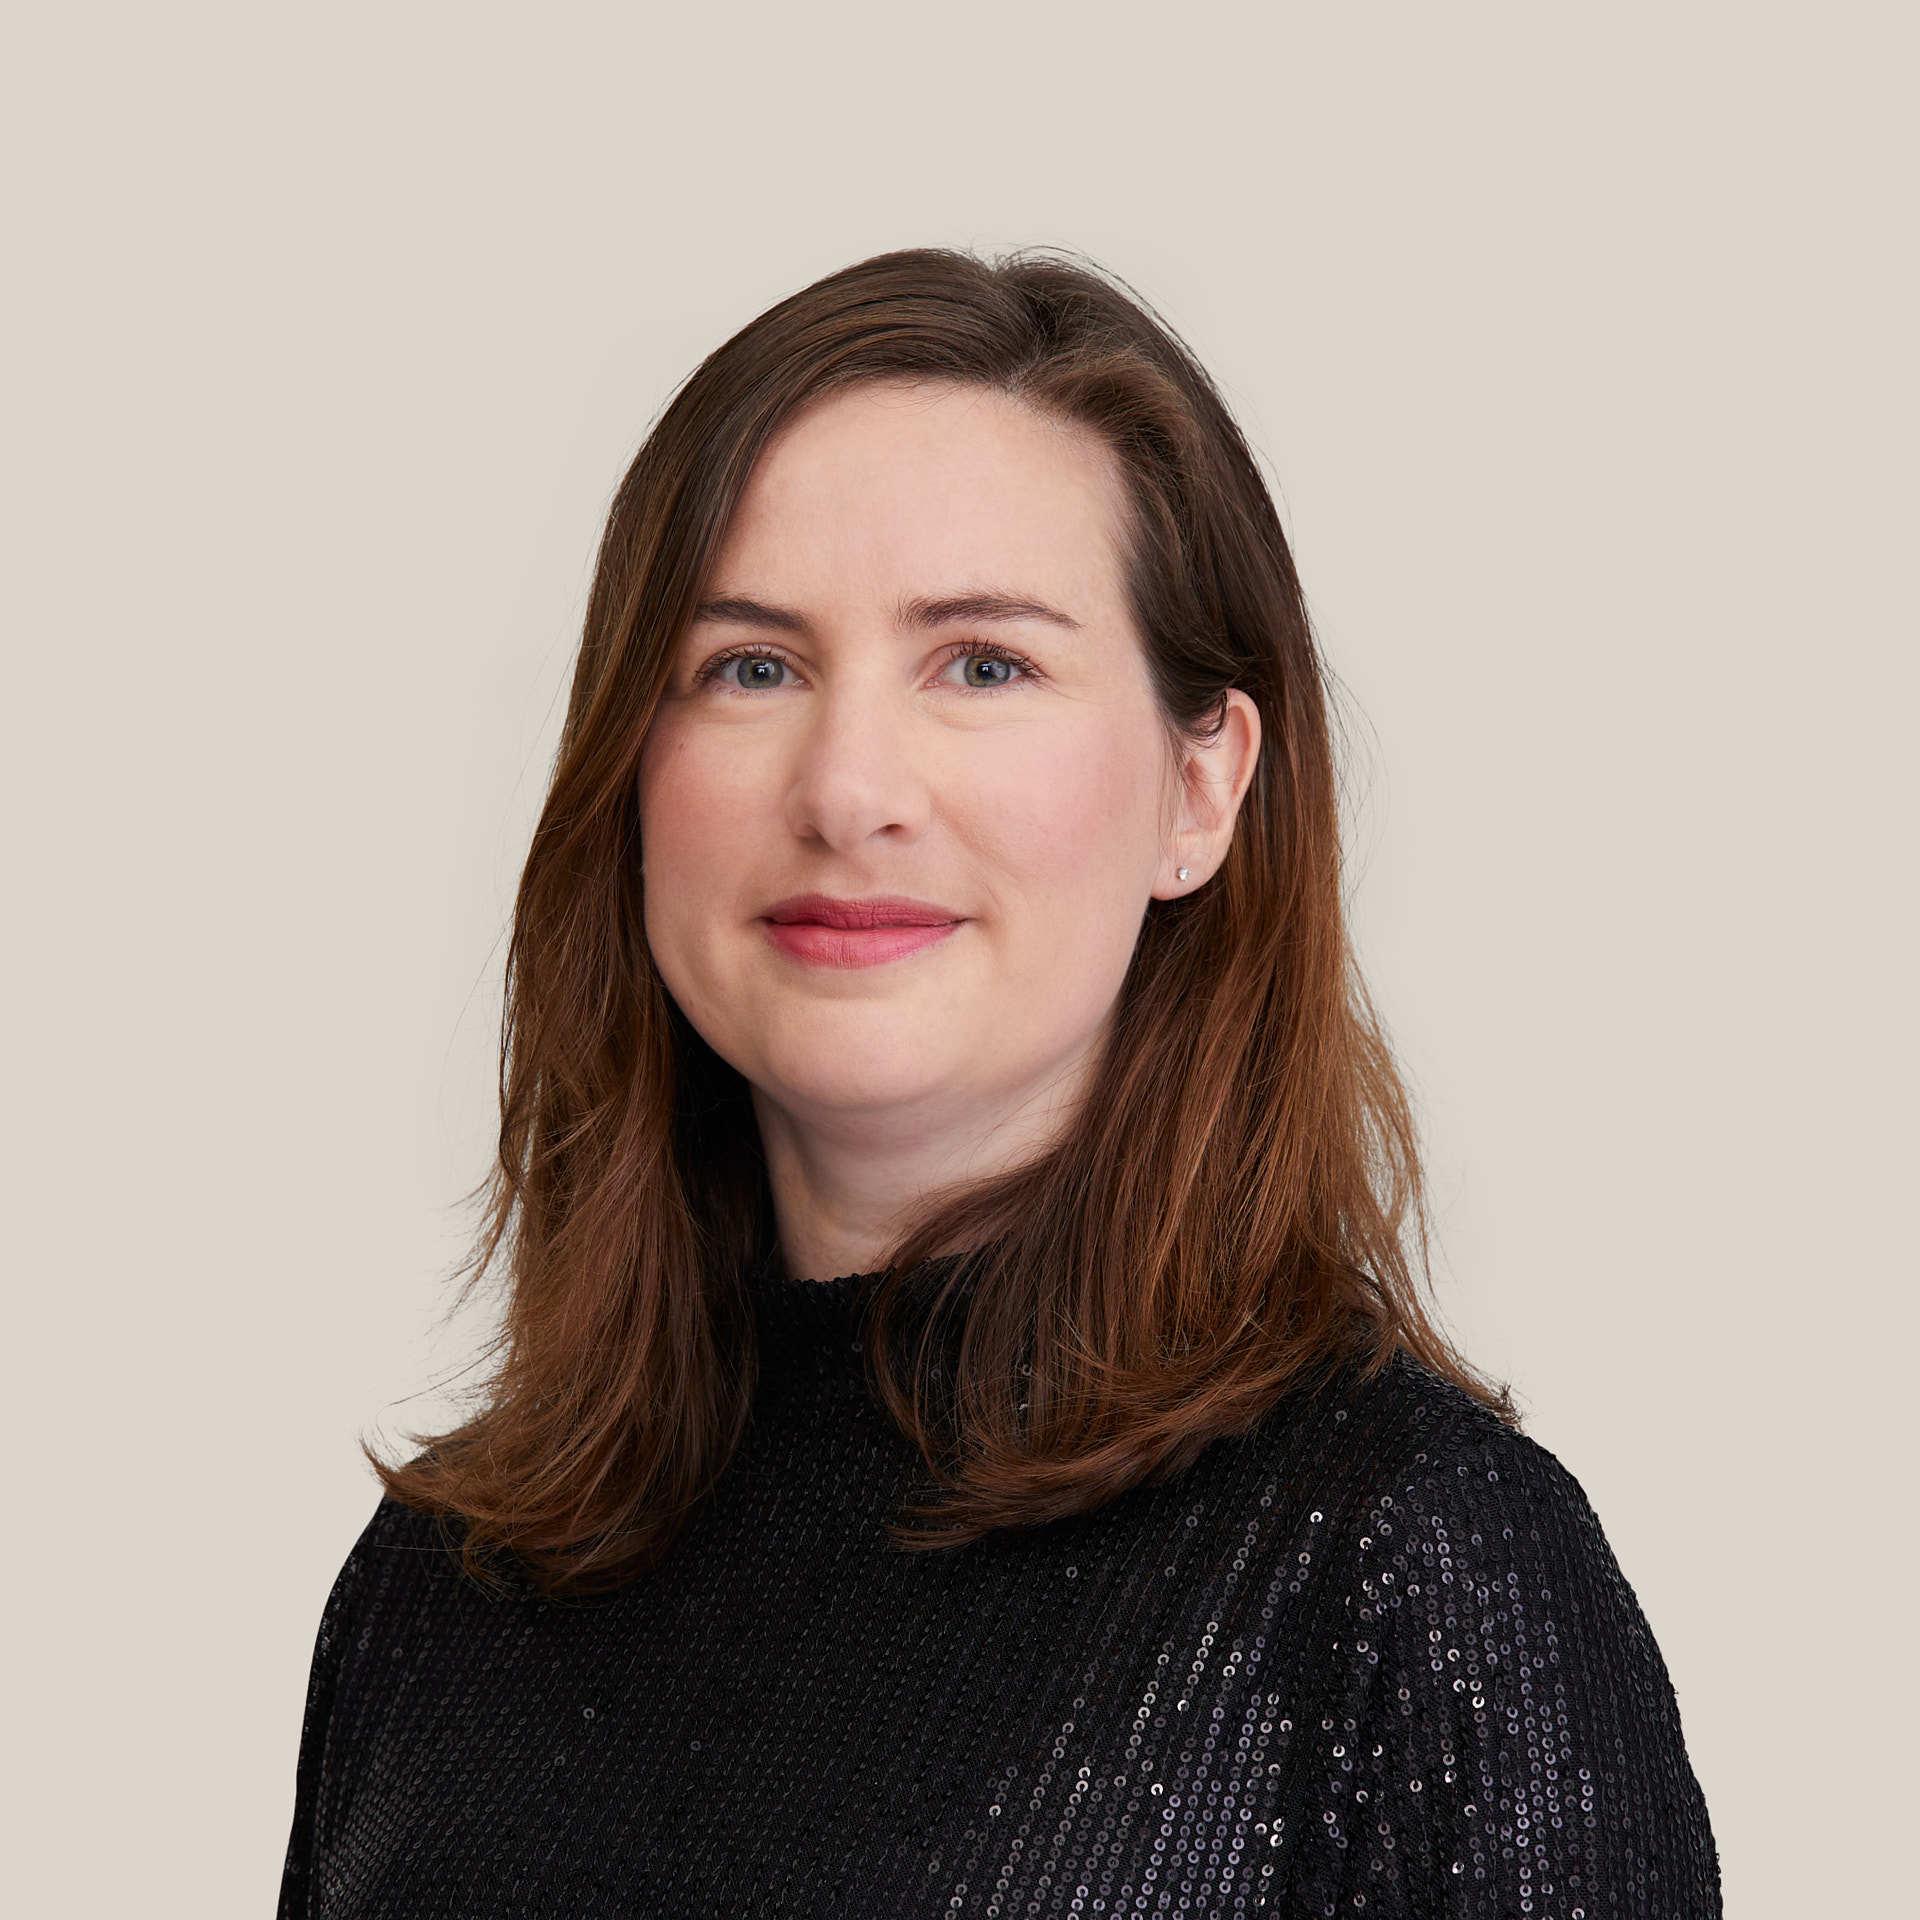 Denise kromwijk